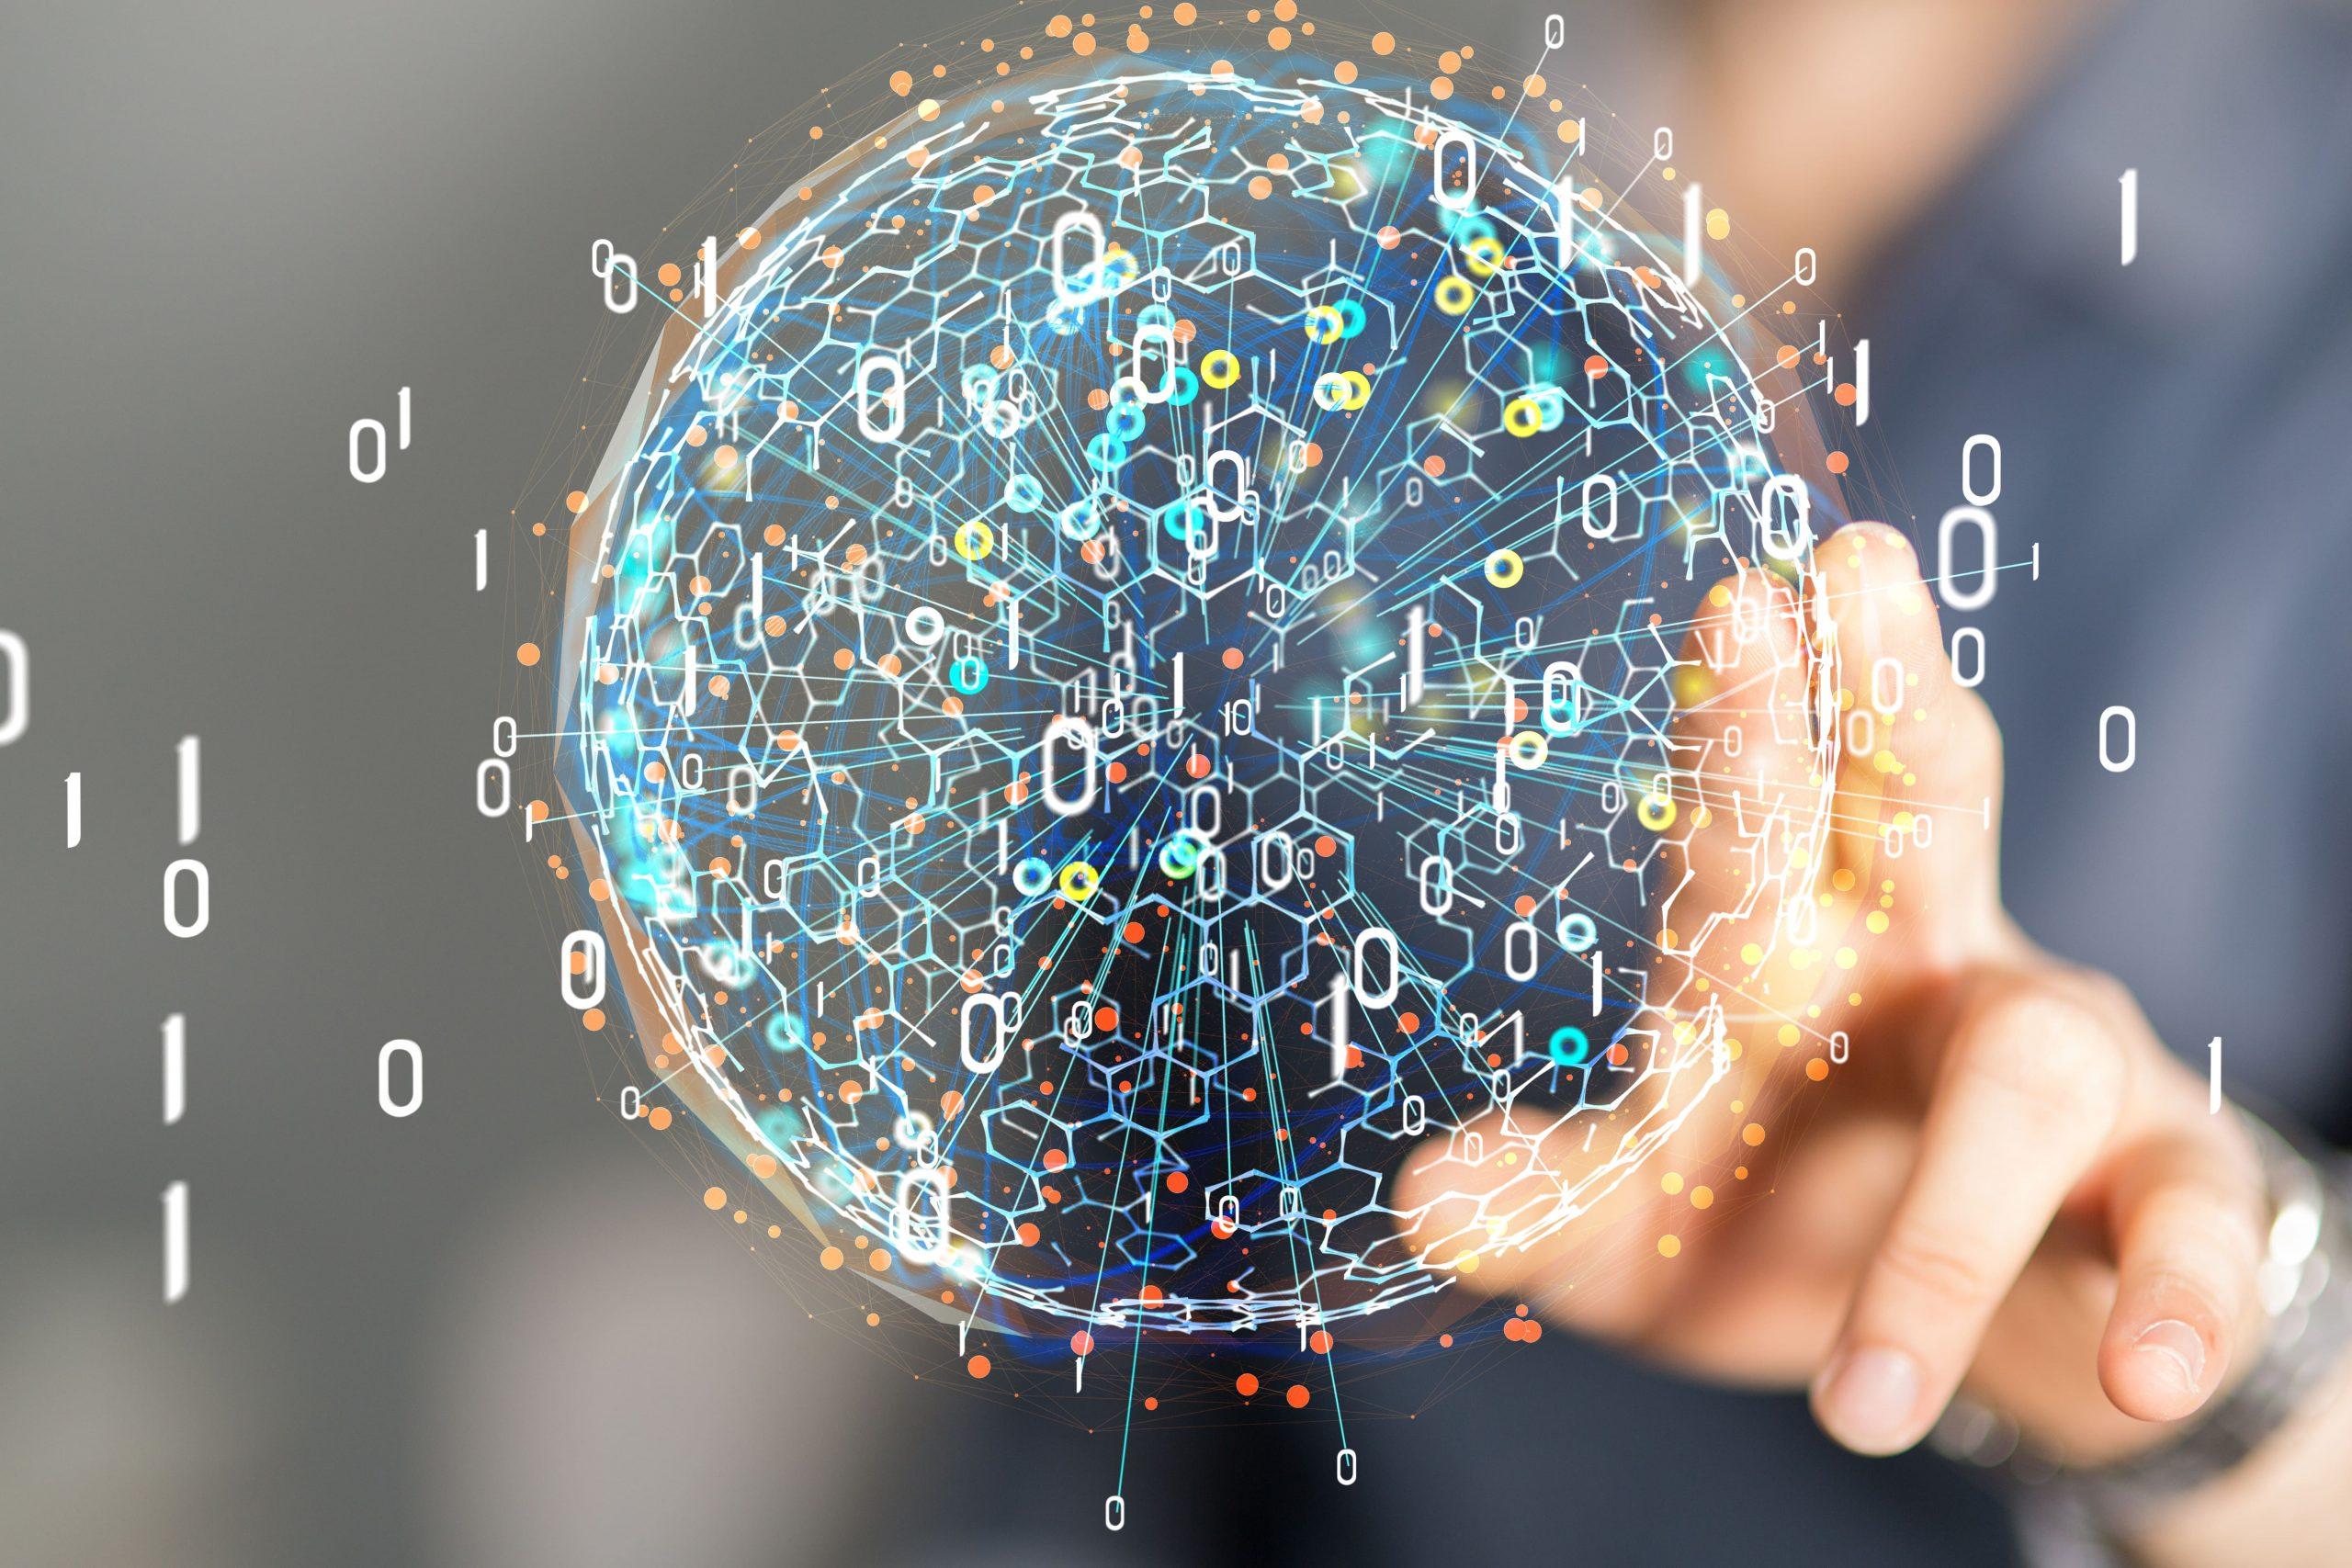 Большие данные — большие перспективы для бизнеса и карьеры, автор Большие данные — большие перспективы для бизнеса и карьеры | Kyivstar Business Hub, изображение №1